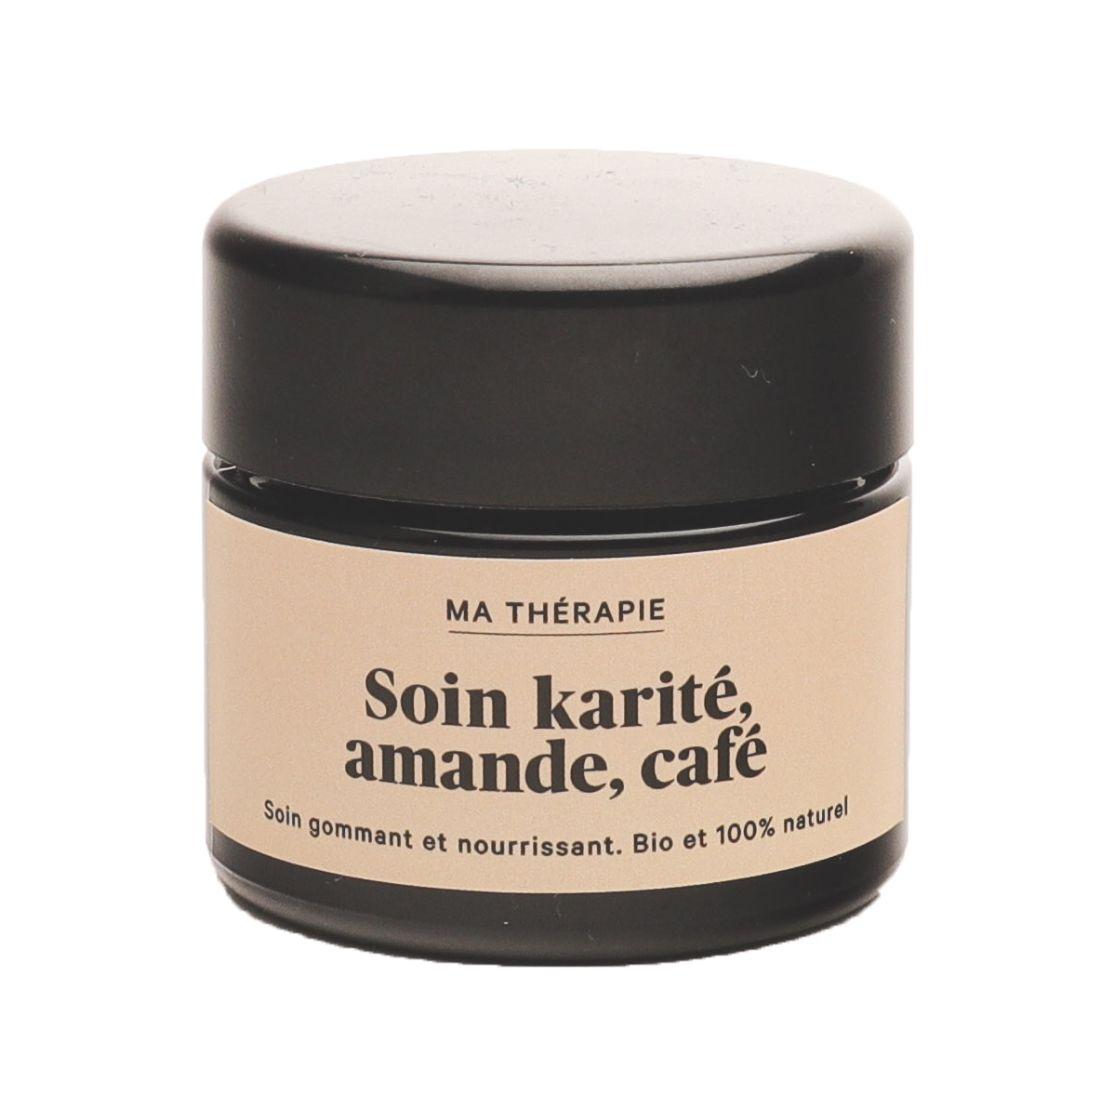 MA THERAPIE - Soin Karité, Amande, Café